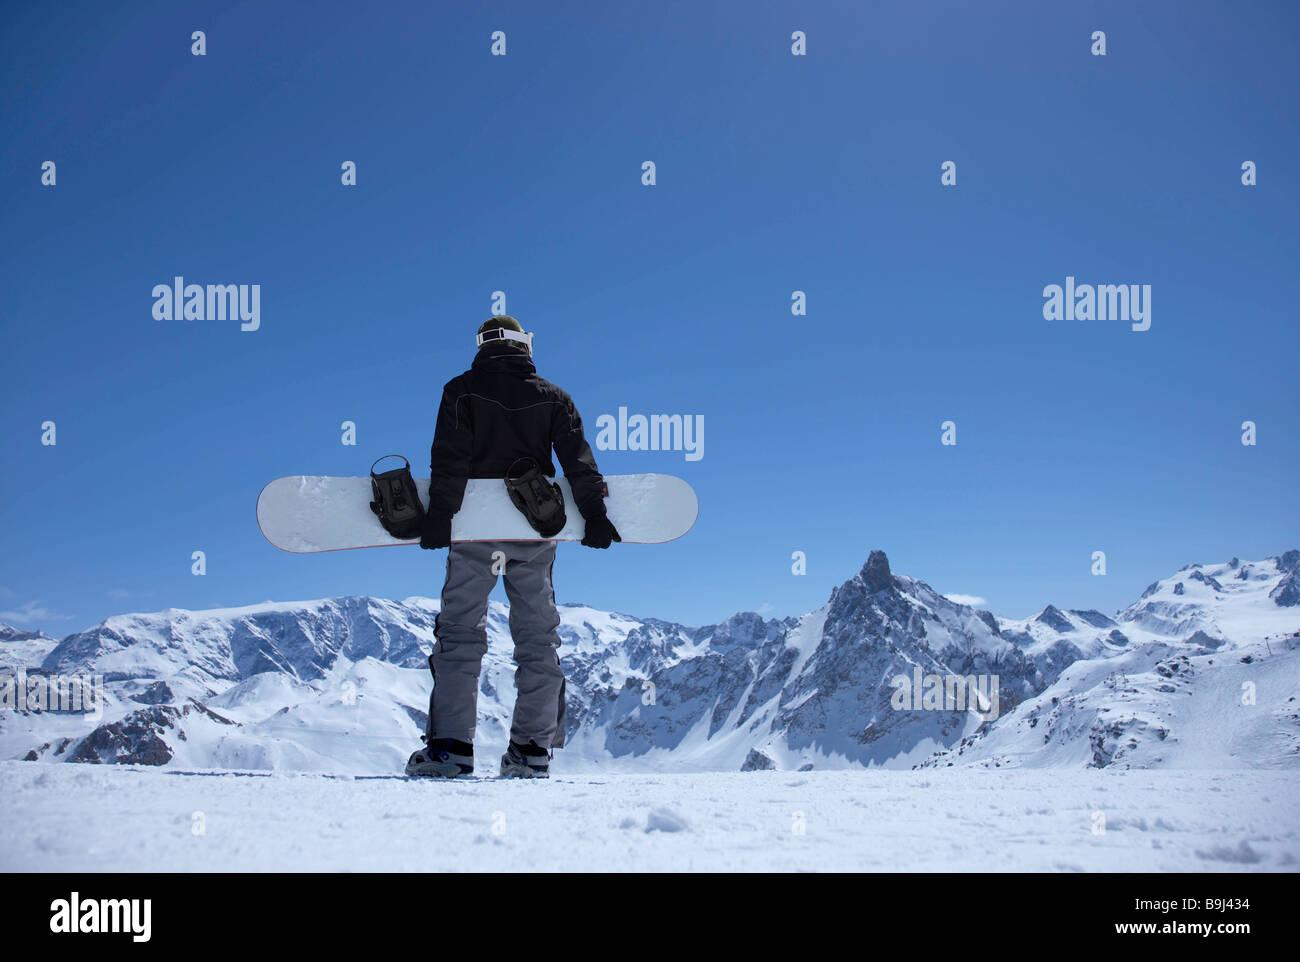 Homme debout sur la montagne avec snowboard Photo Stock